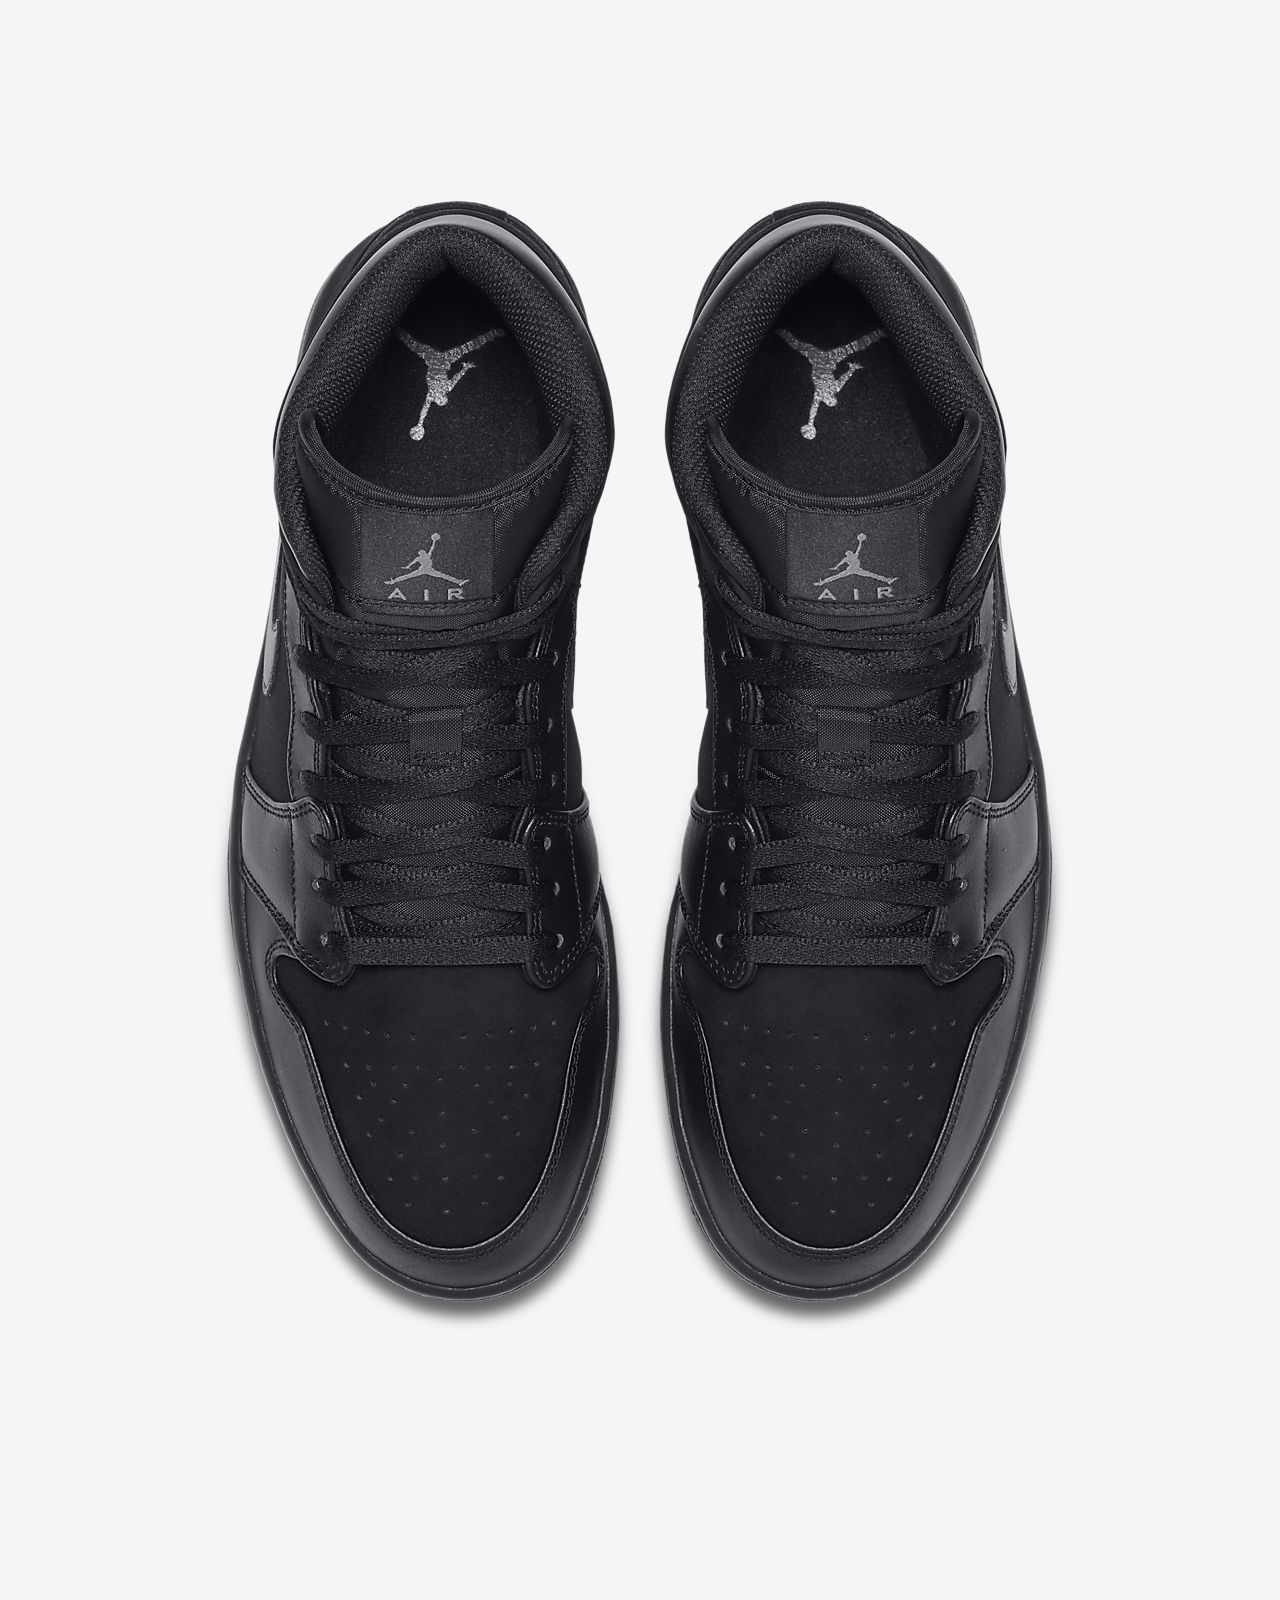 5f79d34c757 Air Jordan 1 Mid Men's Shoe. Nike.com GB